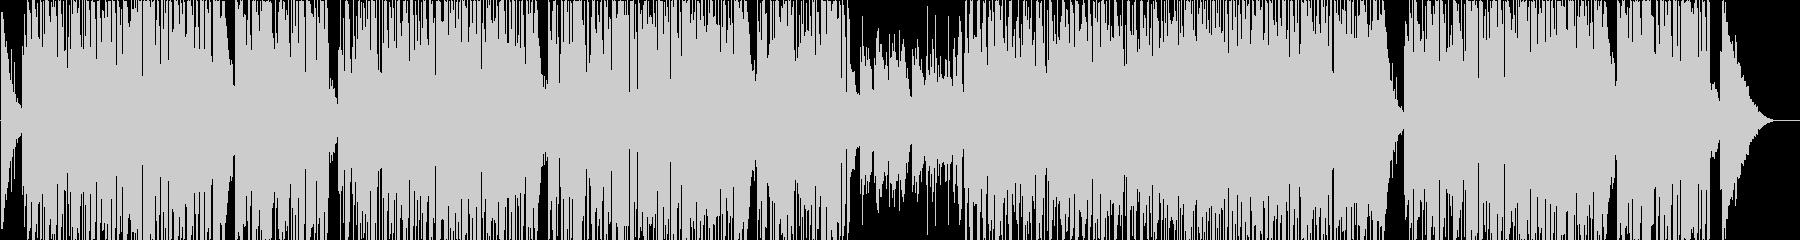 オルガンが涼しいレトロ系ボサノバの未再生の波形